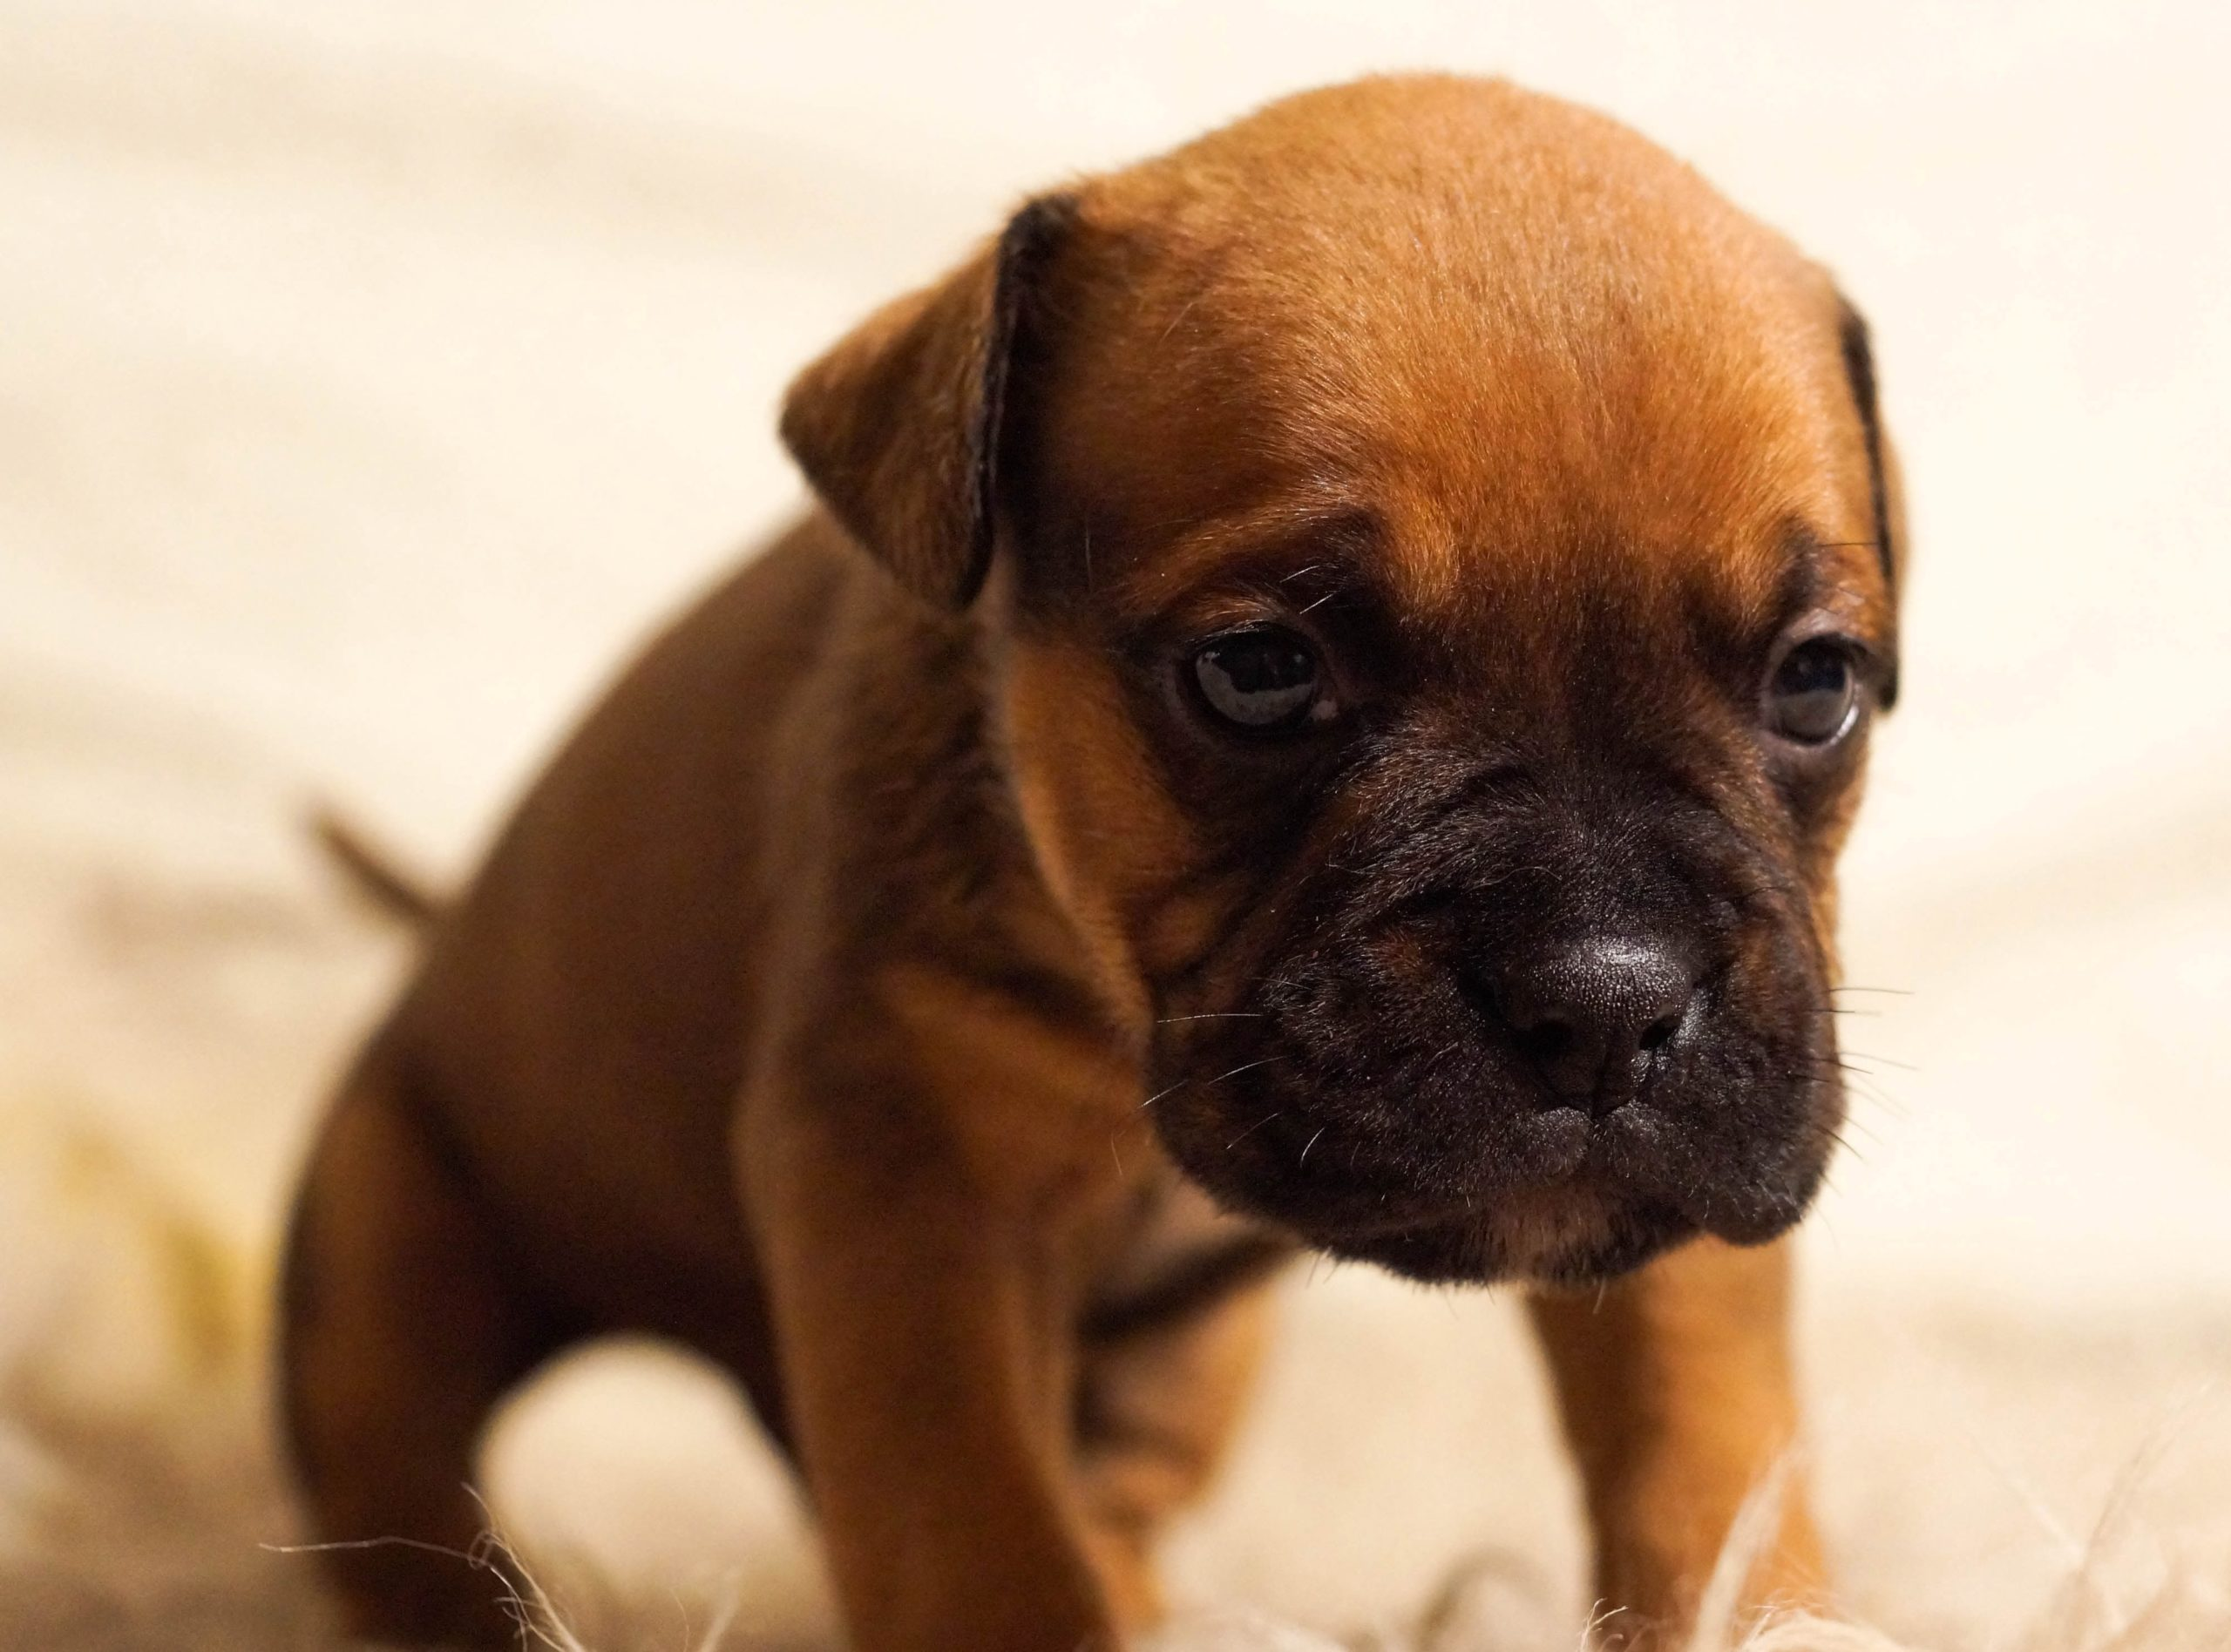 A kutya depresszio okai tunetei es kezelese - A kutya depresszió okai, tünetei és kezelése